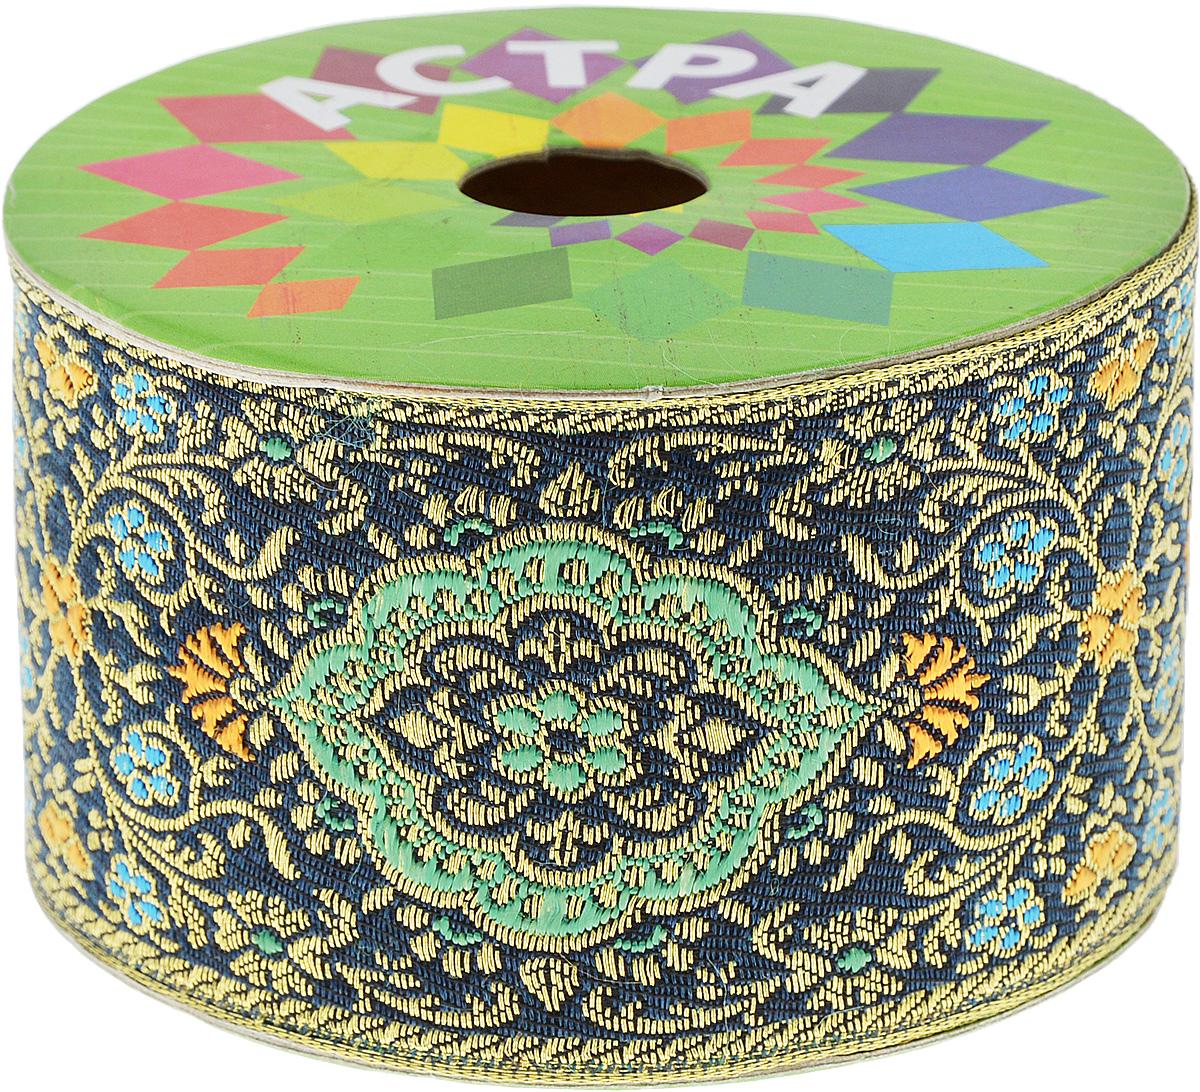 Тесьма декоративная Астра, цвет: синий (С14), ширина 5,5 см, длина 9 м. 77034227703422_C14Декоративная тесьма Астра выполнена из текстиля и оформлена оригинальным жаккардовым орнаментом с цветочными мотивами. Такая тесьма идеально подойдет для оформления различных творческих работ таких, как скрапбукинг, аппликация, декор коробок и открыток и многое другое. Тесьма наивысшего качества и практична в использовании. Она станет незаменимым элементом в создании рукотворного шедевра.